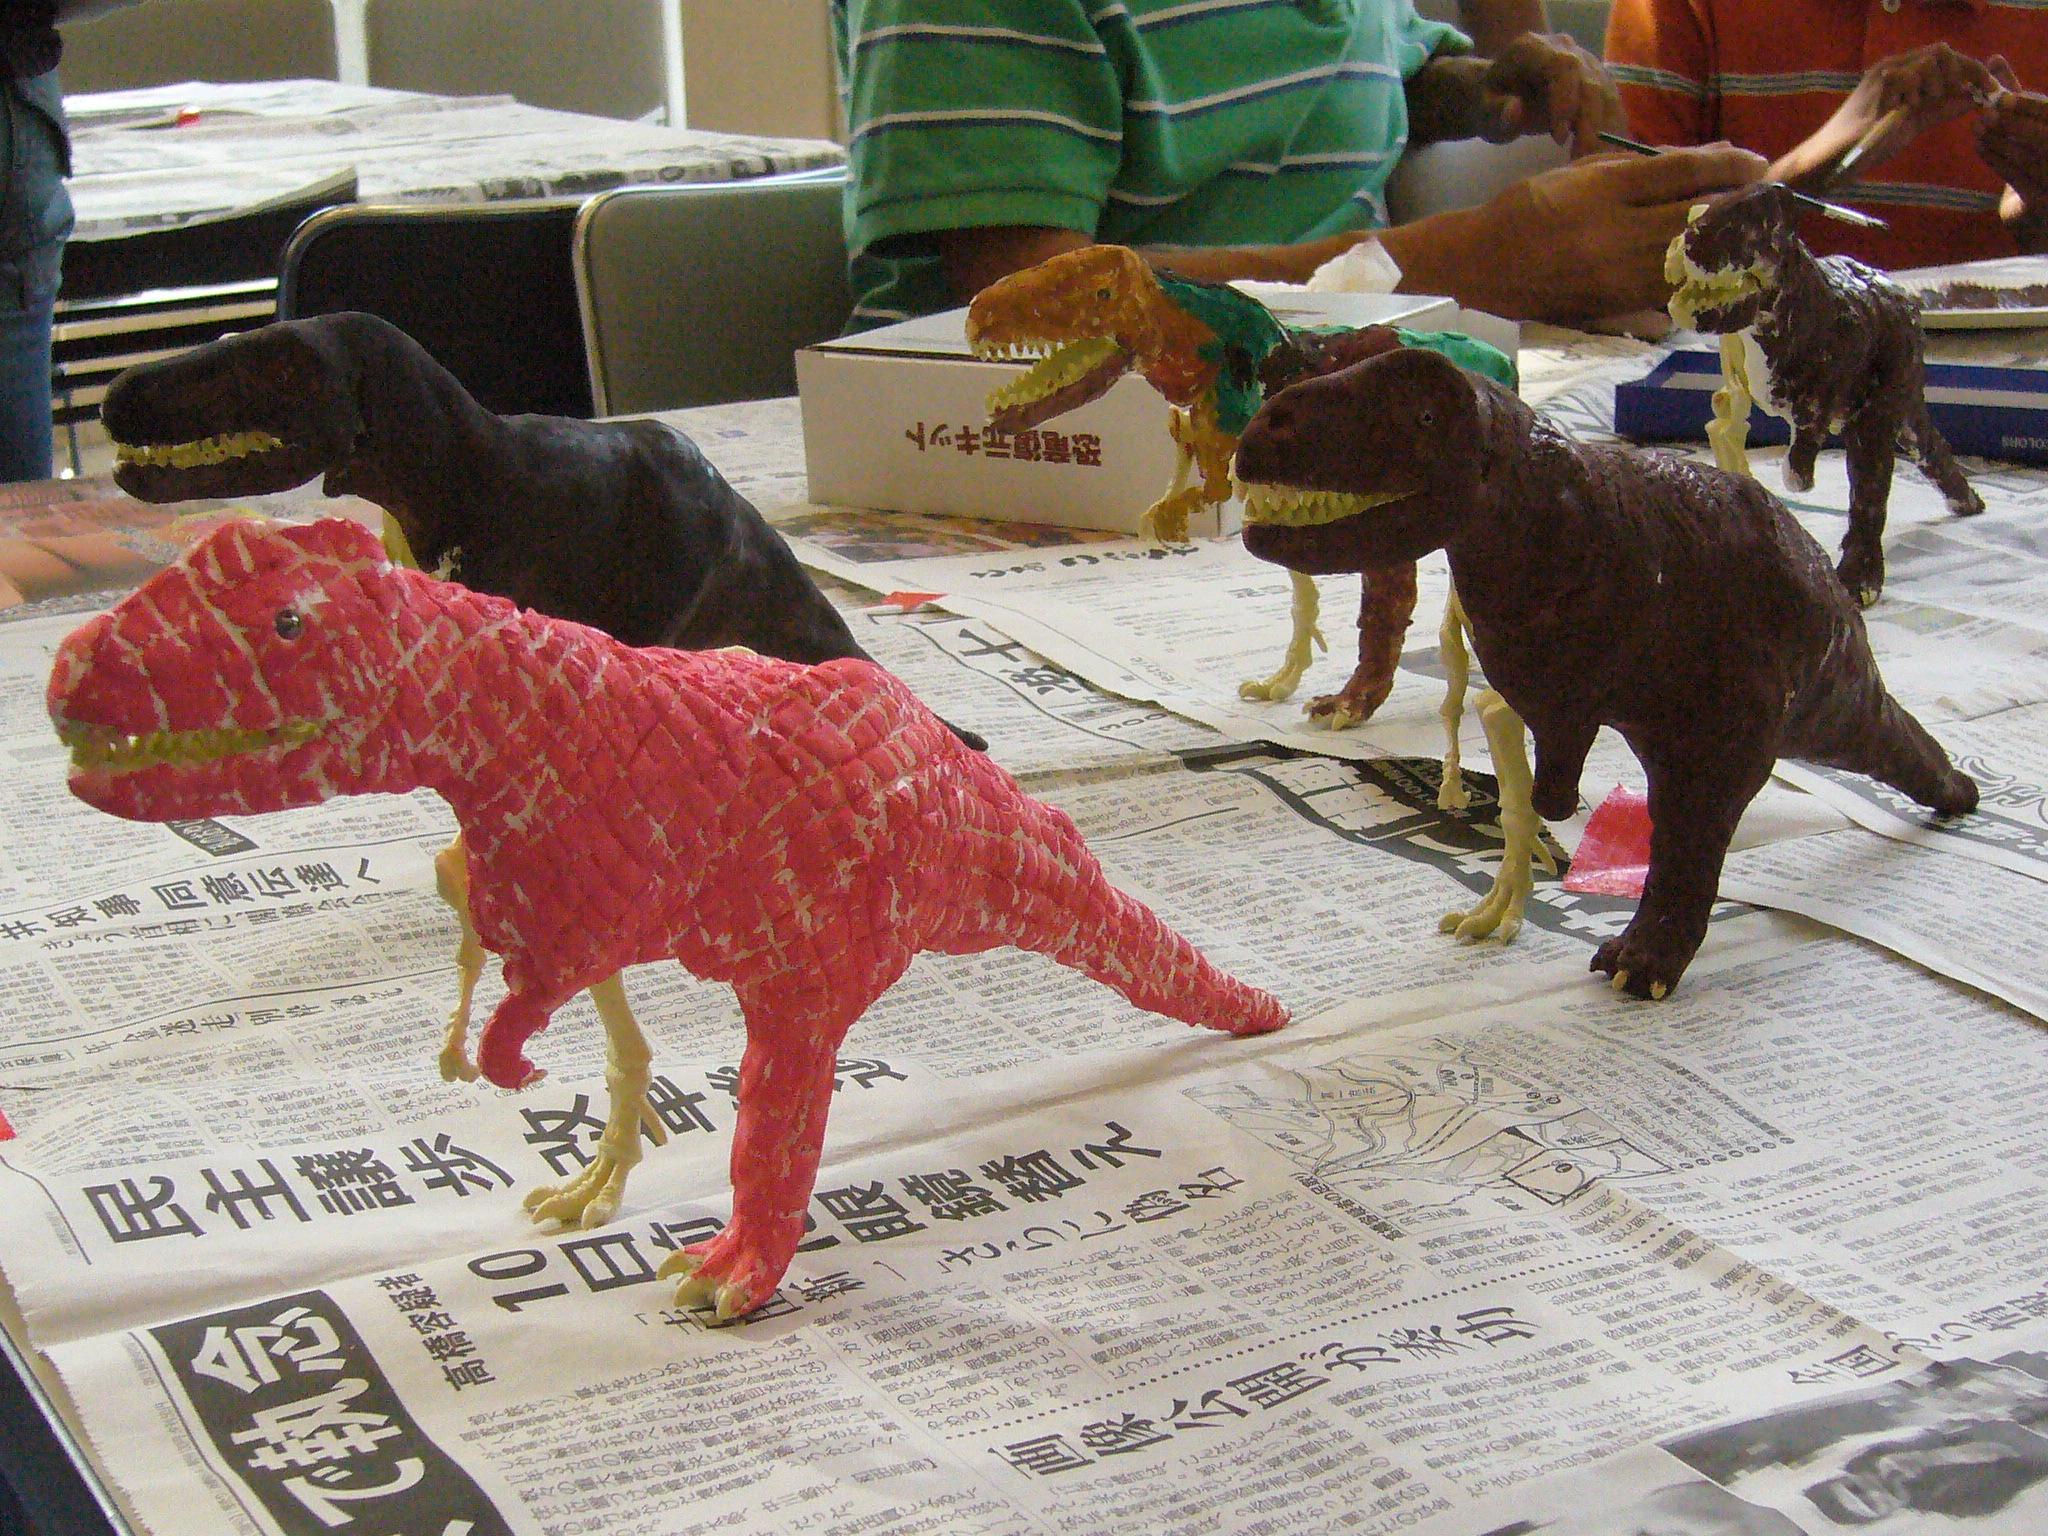 報告・丹波の恐竜ミニレクチャーと恐竜復元模型ワークショップ@兵庫県宝塚市にて